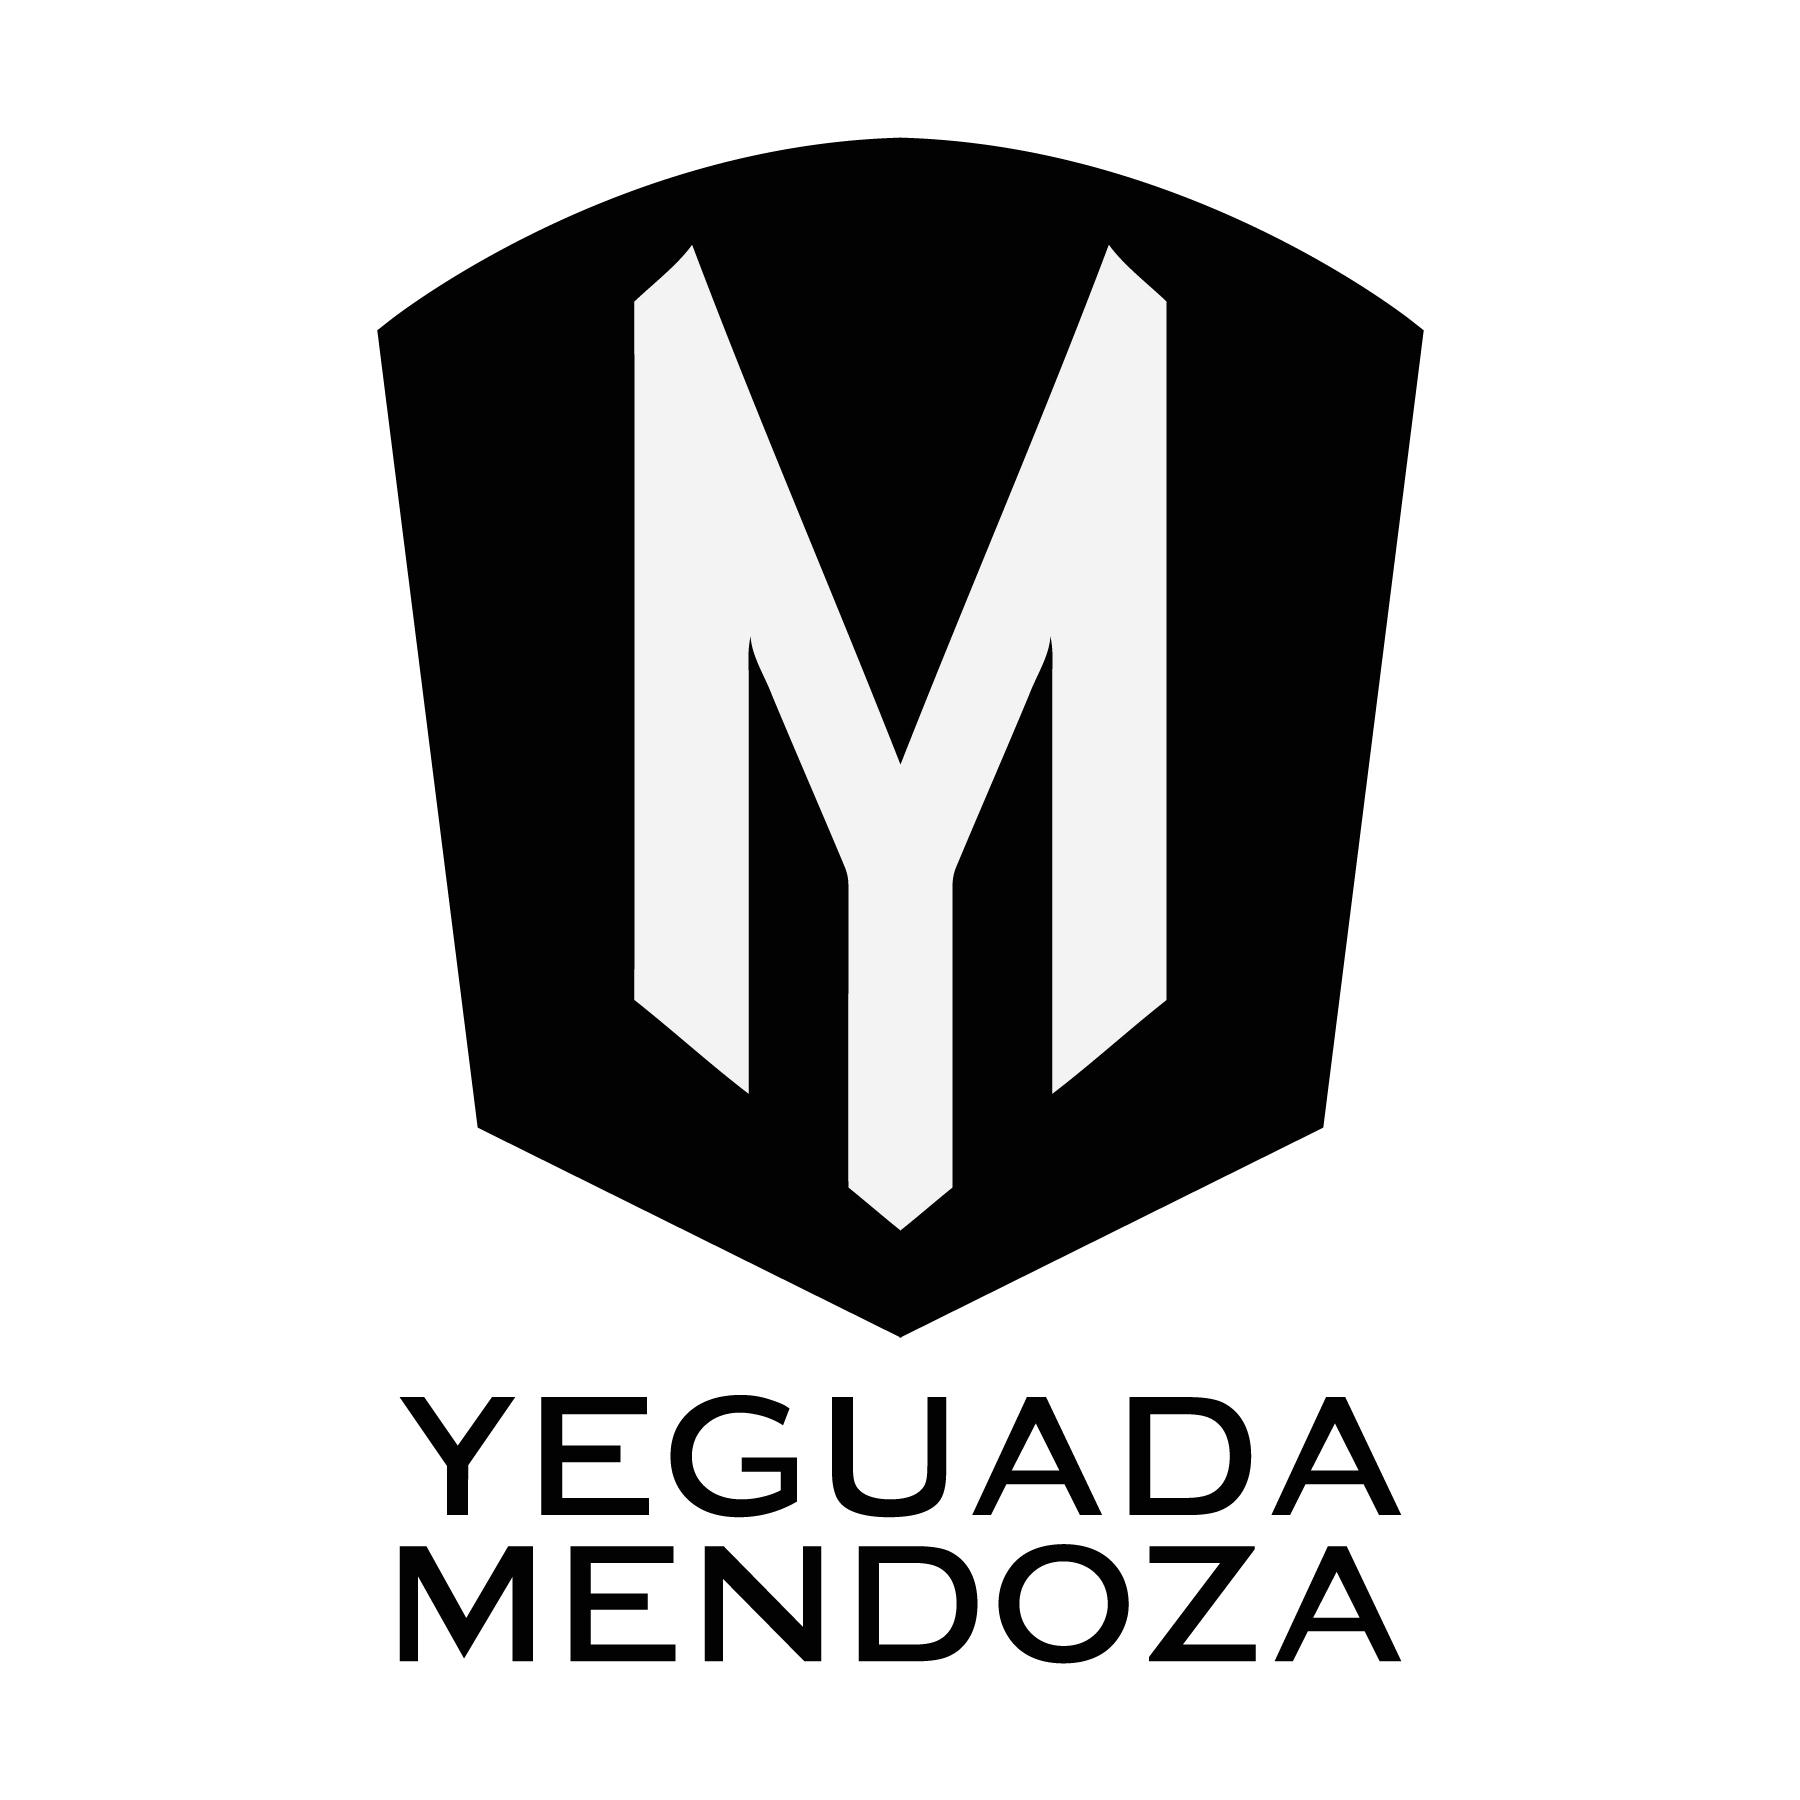 Yeguada Mendoza